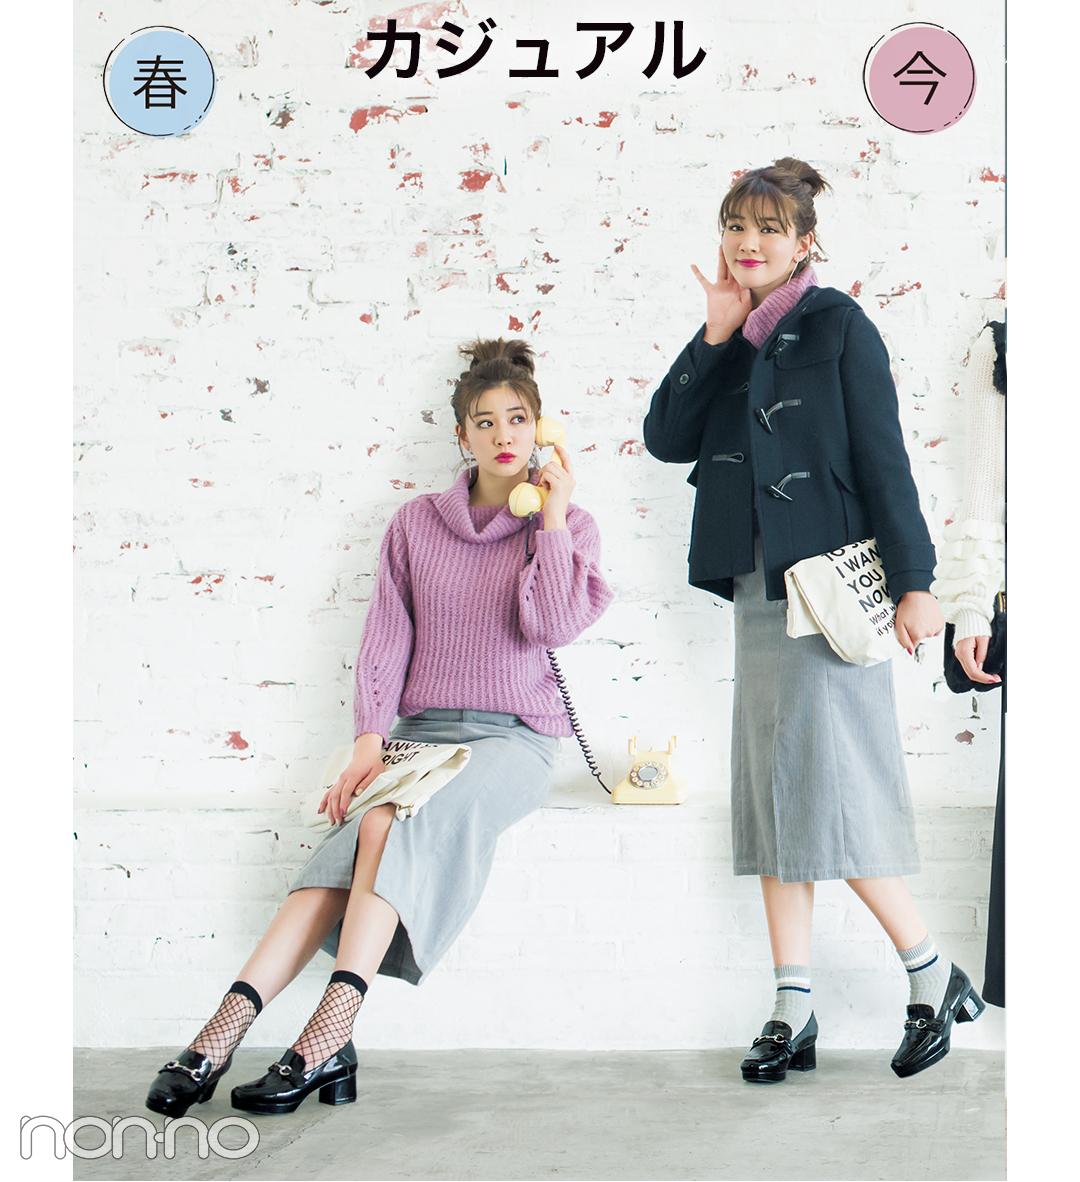 マストバイ★「黒のローファー」を今・春・フェミニン・カジュアル4通り着回し!_1_2-2